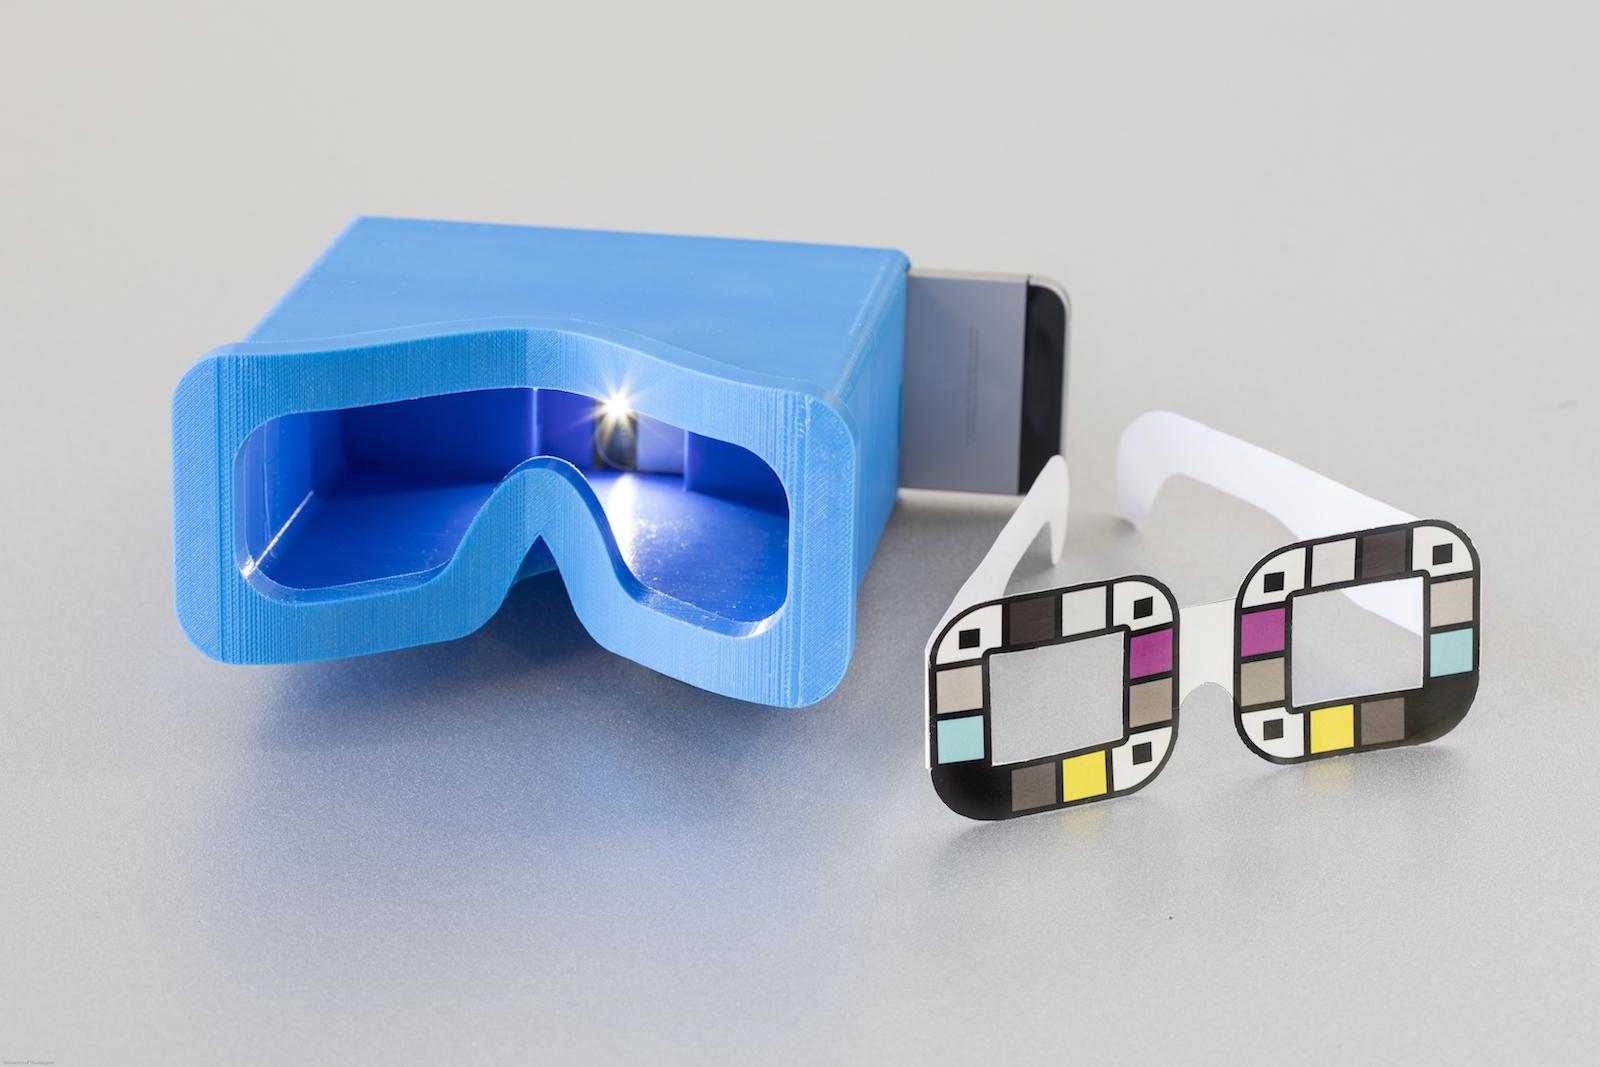 Пока приложение необходимо использовать со специальными аксессуарами— очками или коробочкой, отсекающей лишнее освещение.